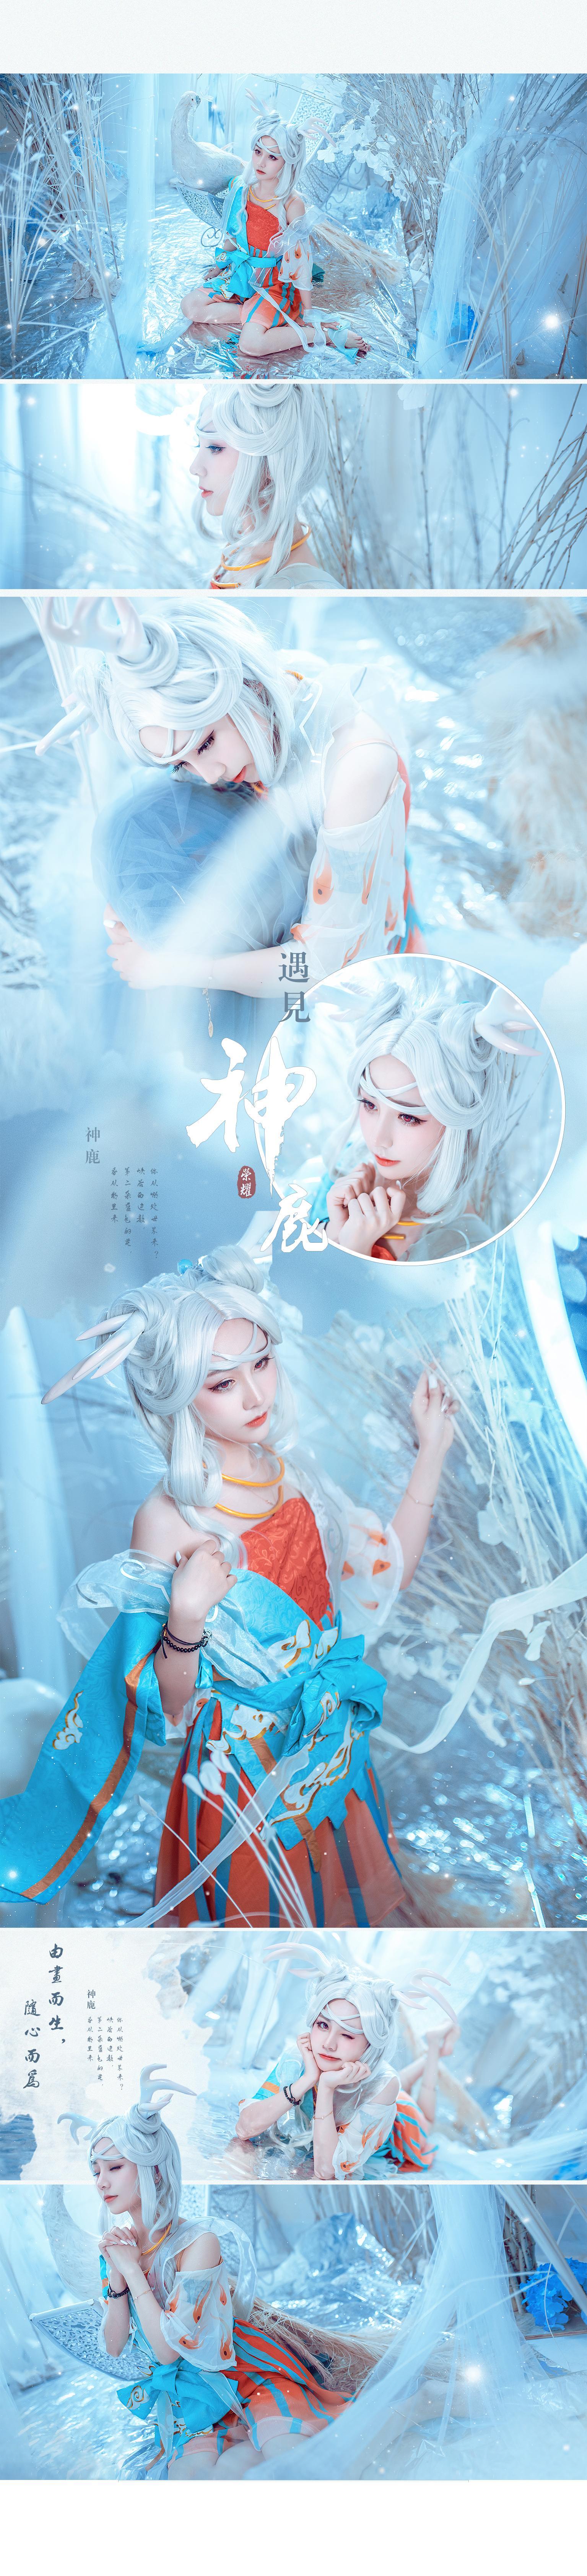 《王者荣耀》总结cosplay【CN:一块老冰糖】-第1张